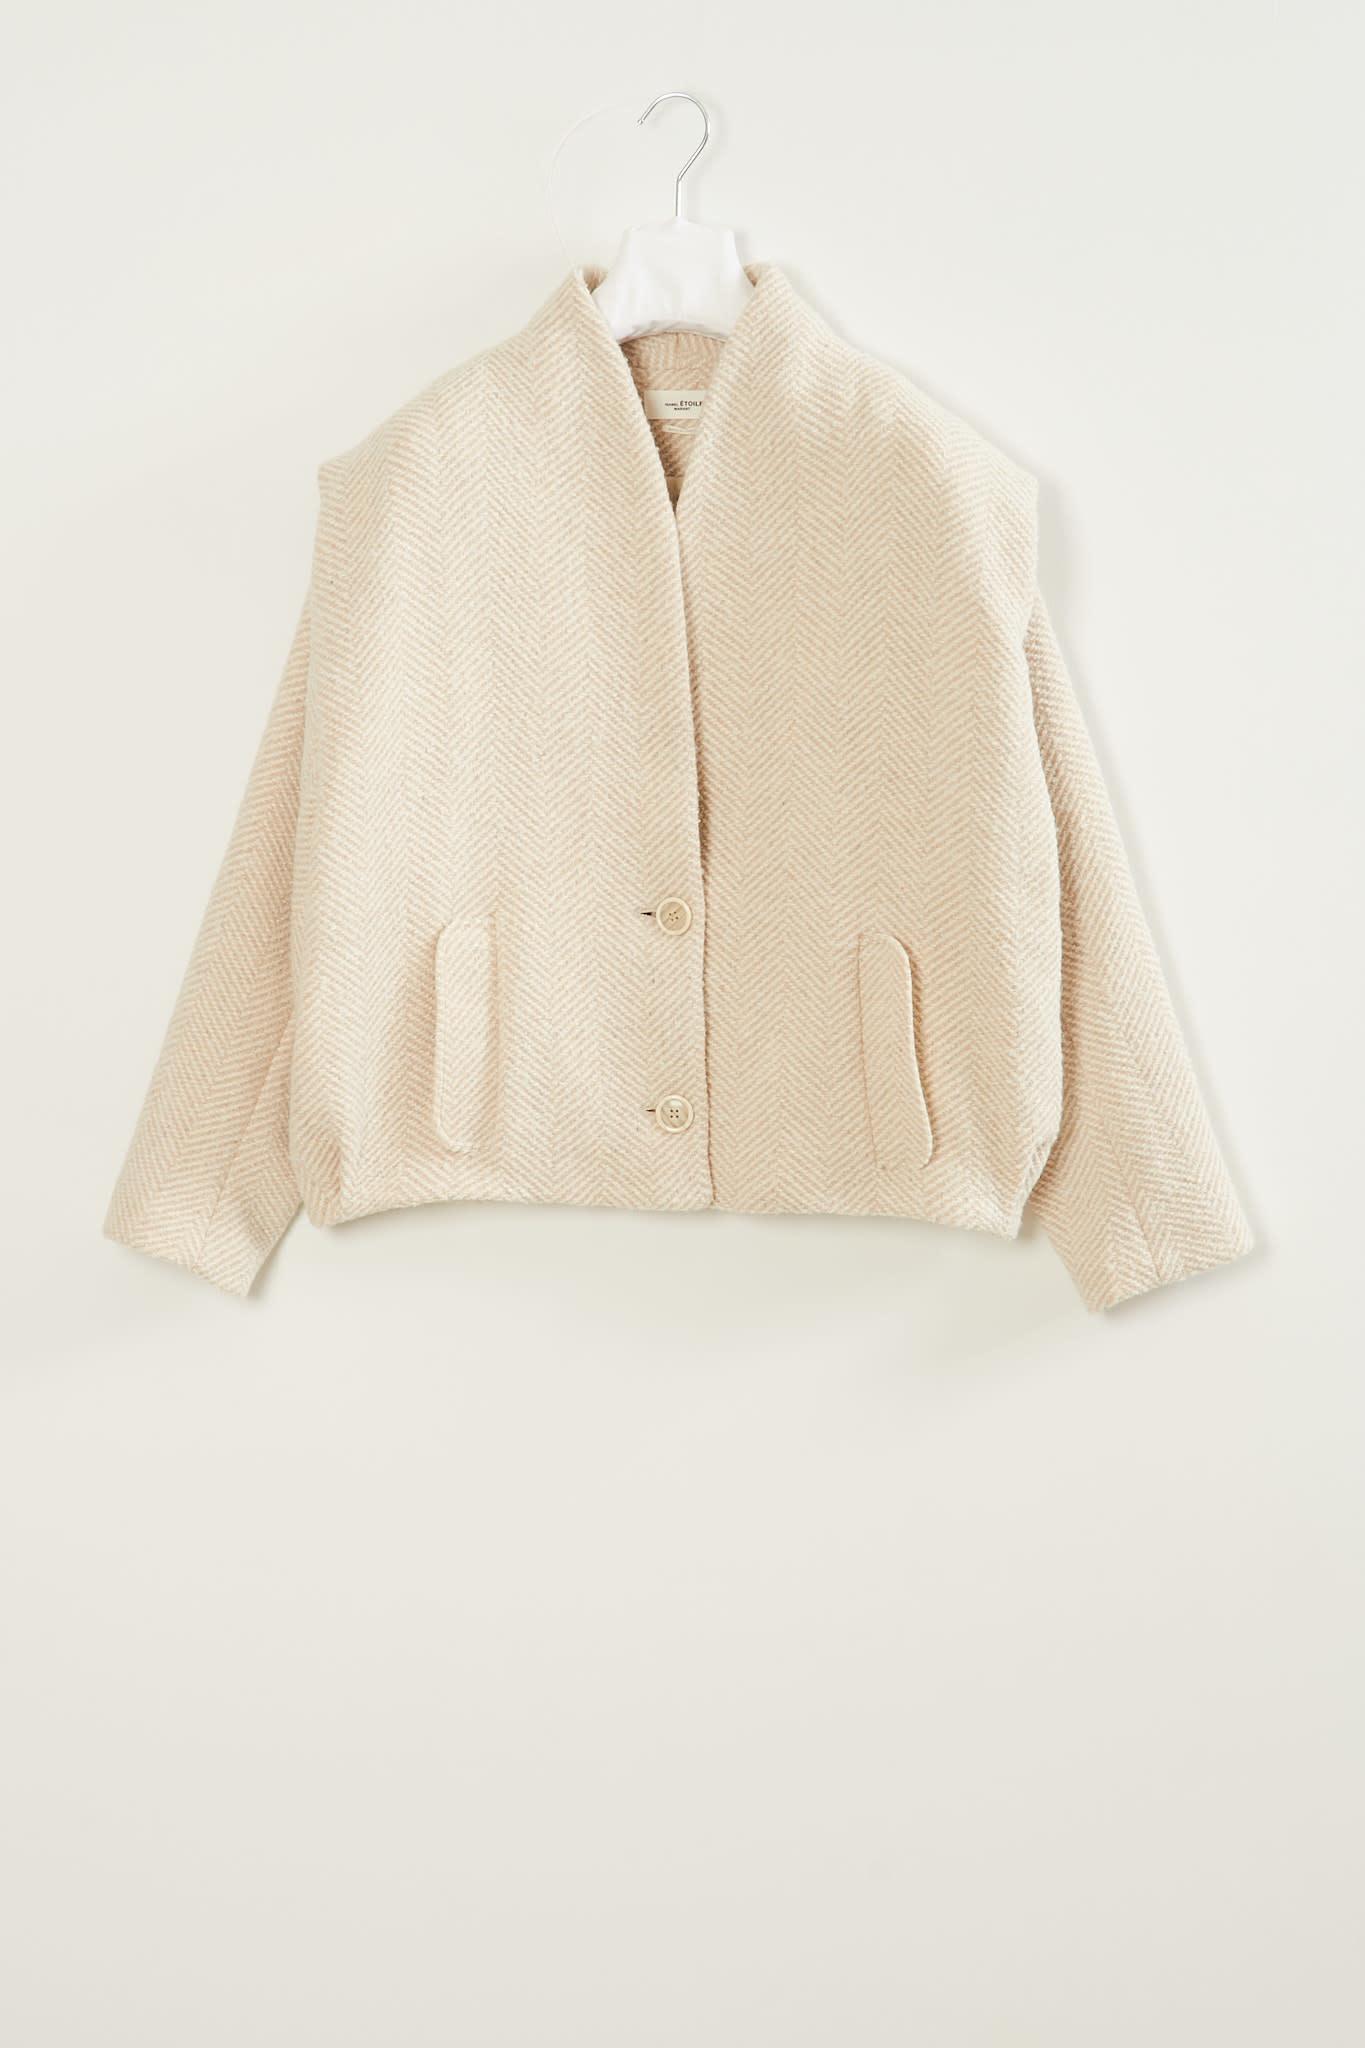 Etoile Isabel Marant - Drogo pardessus jacket